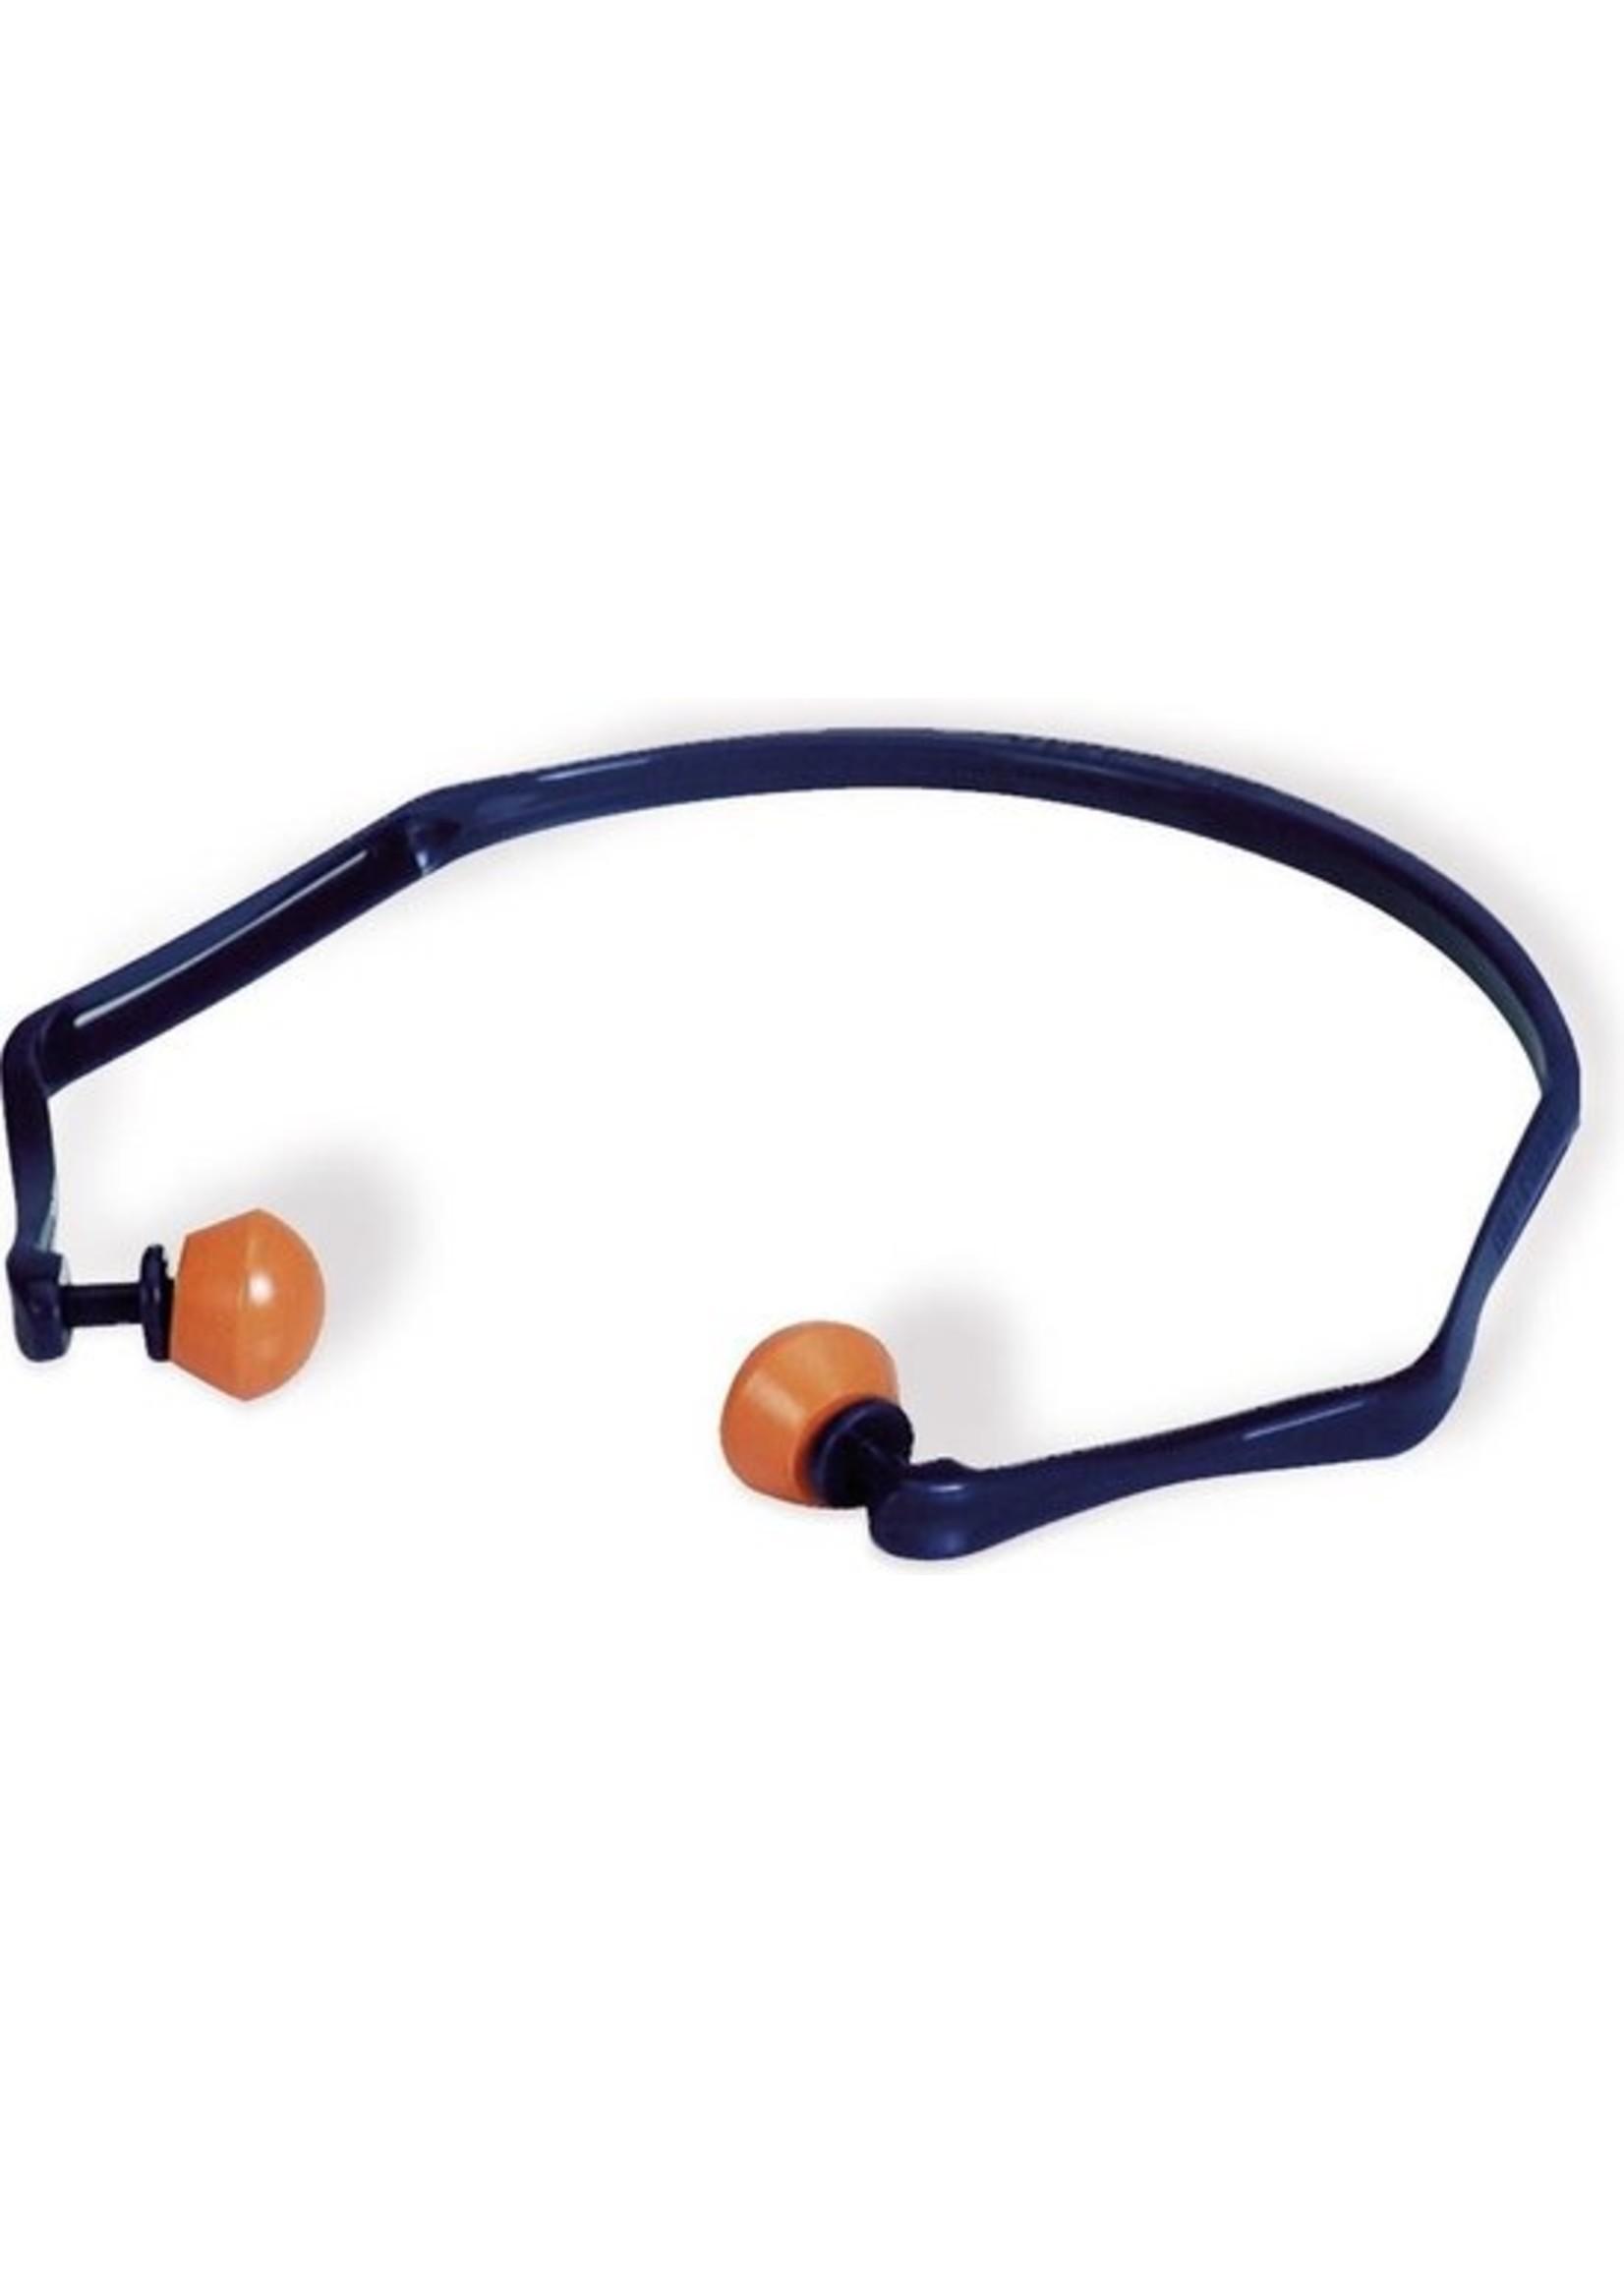 Gehoorbescherming beugel 3M- blauw - oranje